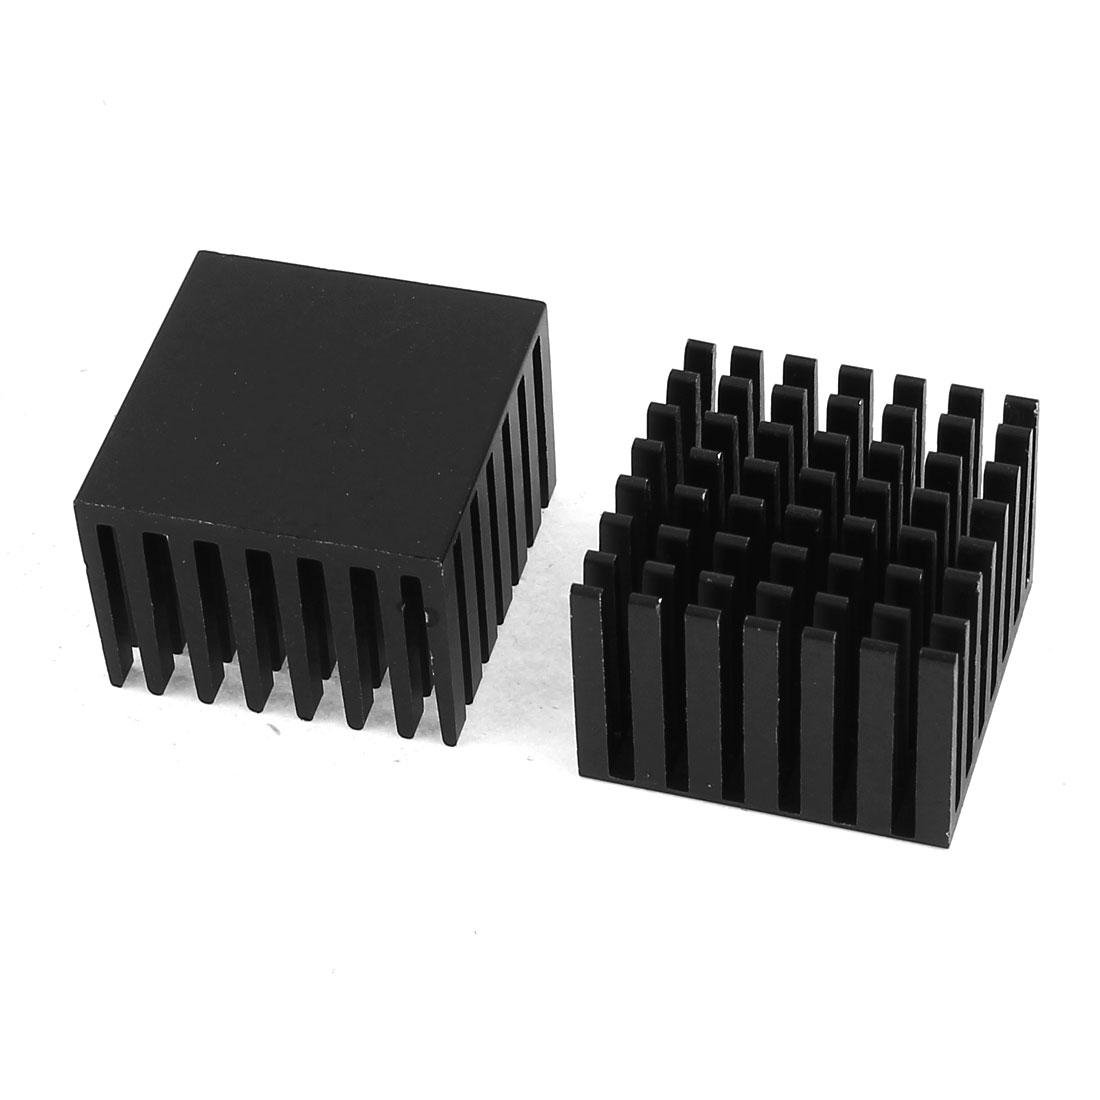 2 Pcs Black Aluminum Radiator Heat Sink Heatsink 28mm x 28mm x 20mm